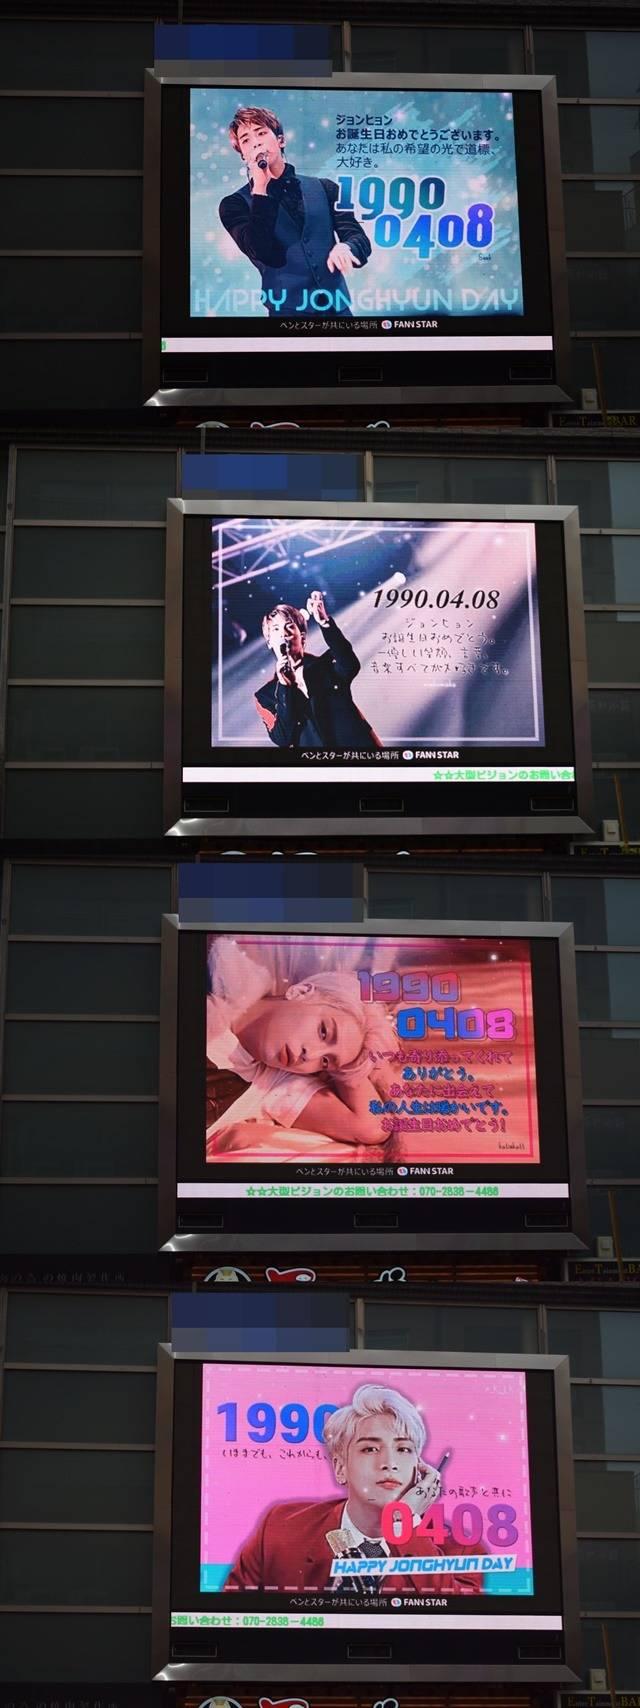 종현아, 잊지 않을게 지난 4월 8일 일본 도쿄에 위치한 전광판에서 그룹 샤이니 종현을 추억하는 영상이 상영 중이다. /팬앤스타